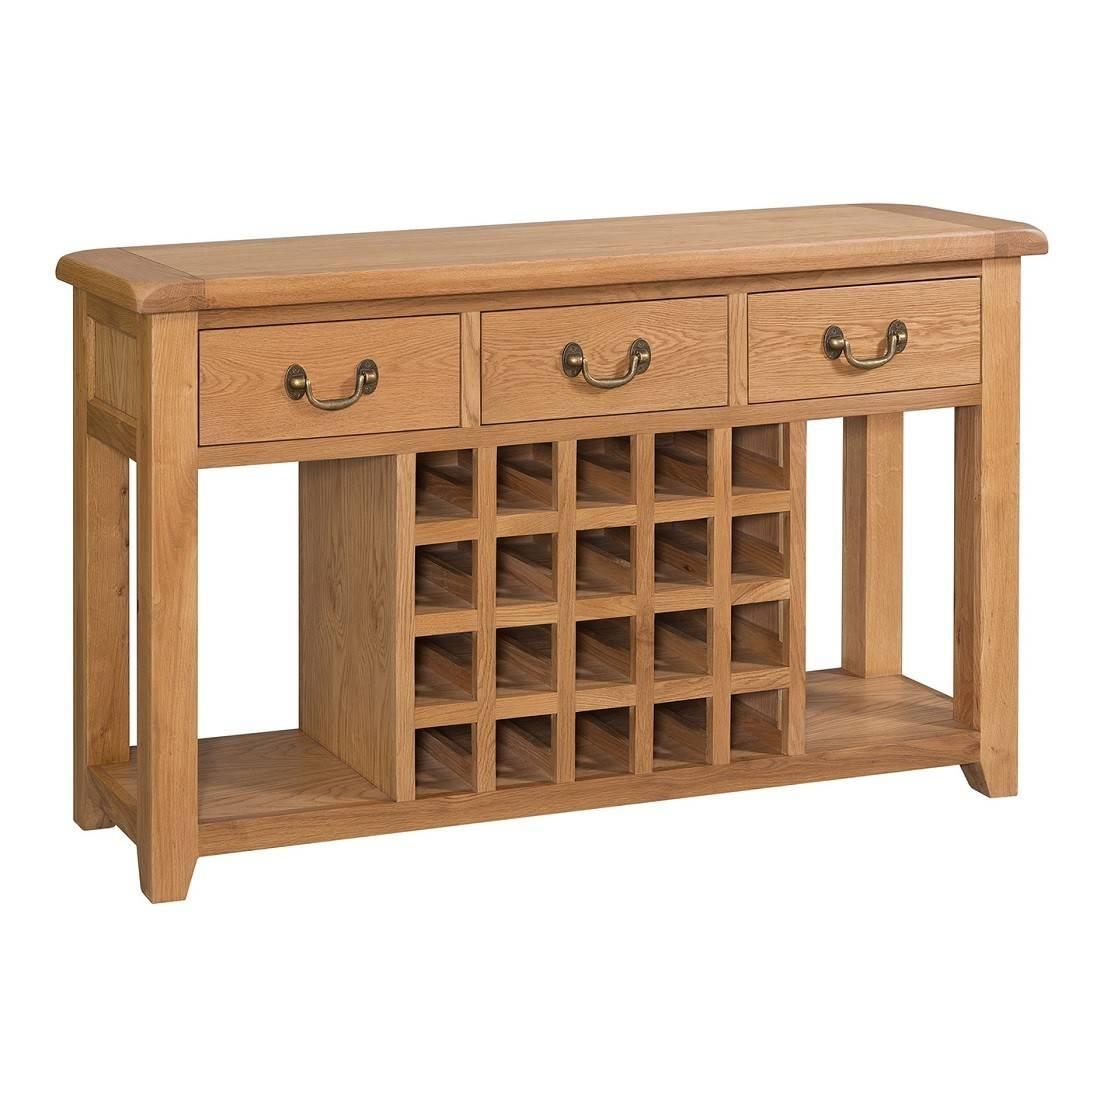 Buttermere Light Oak Open Sideboard With Wine Rack | Oak Furniture Uk Throughout Oak Sideboards With Wine Rack (#1 of 15)